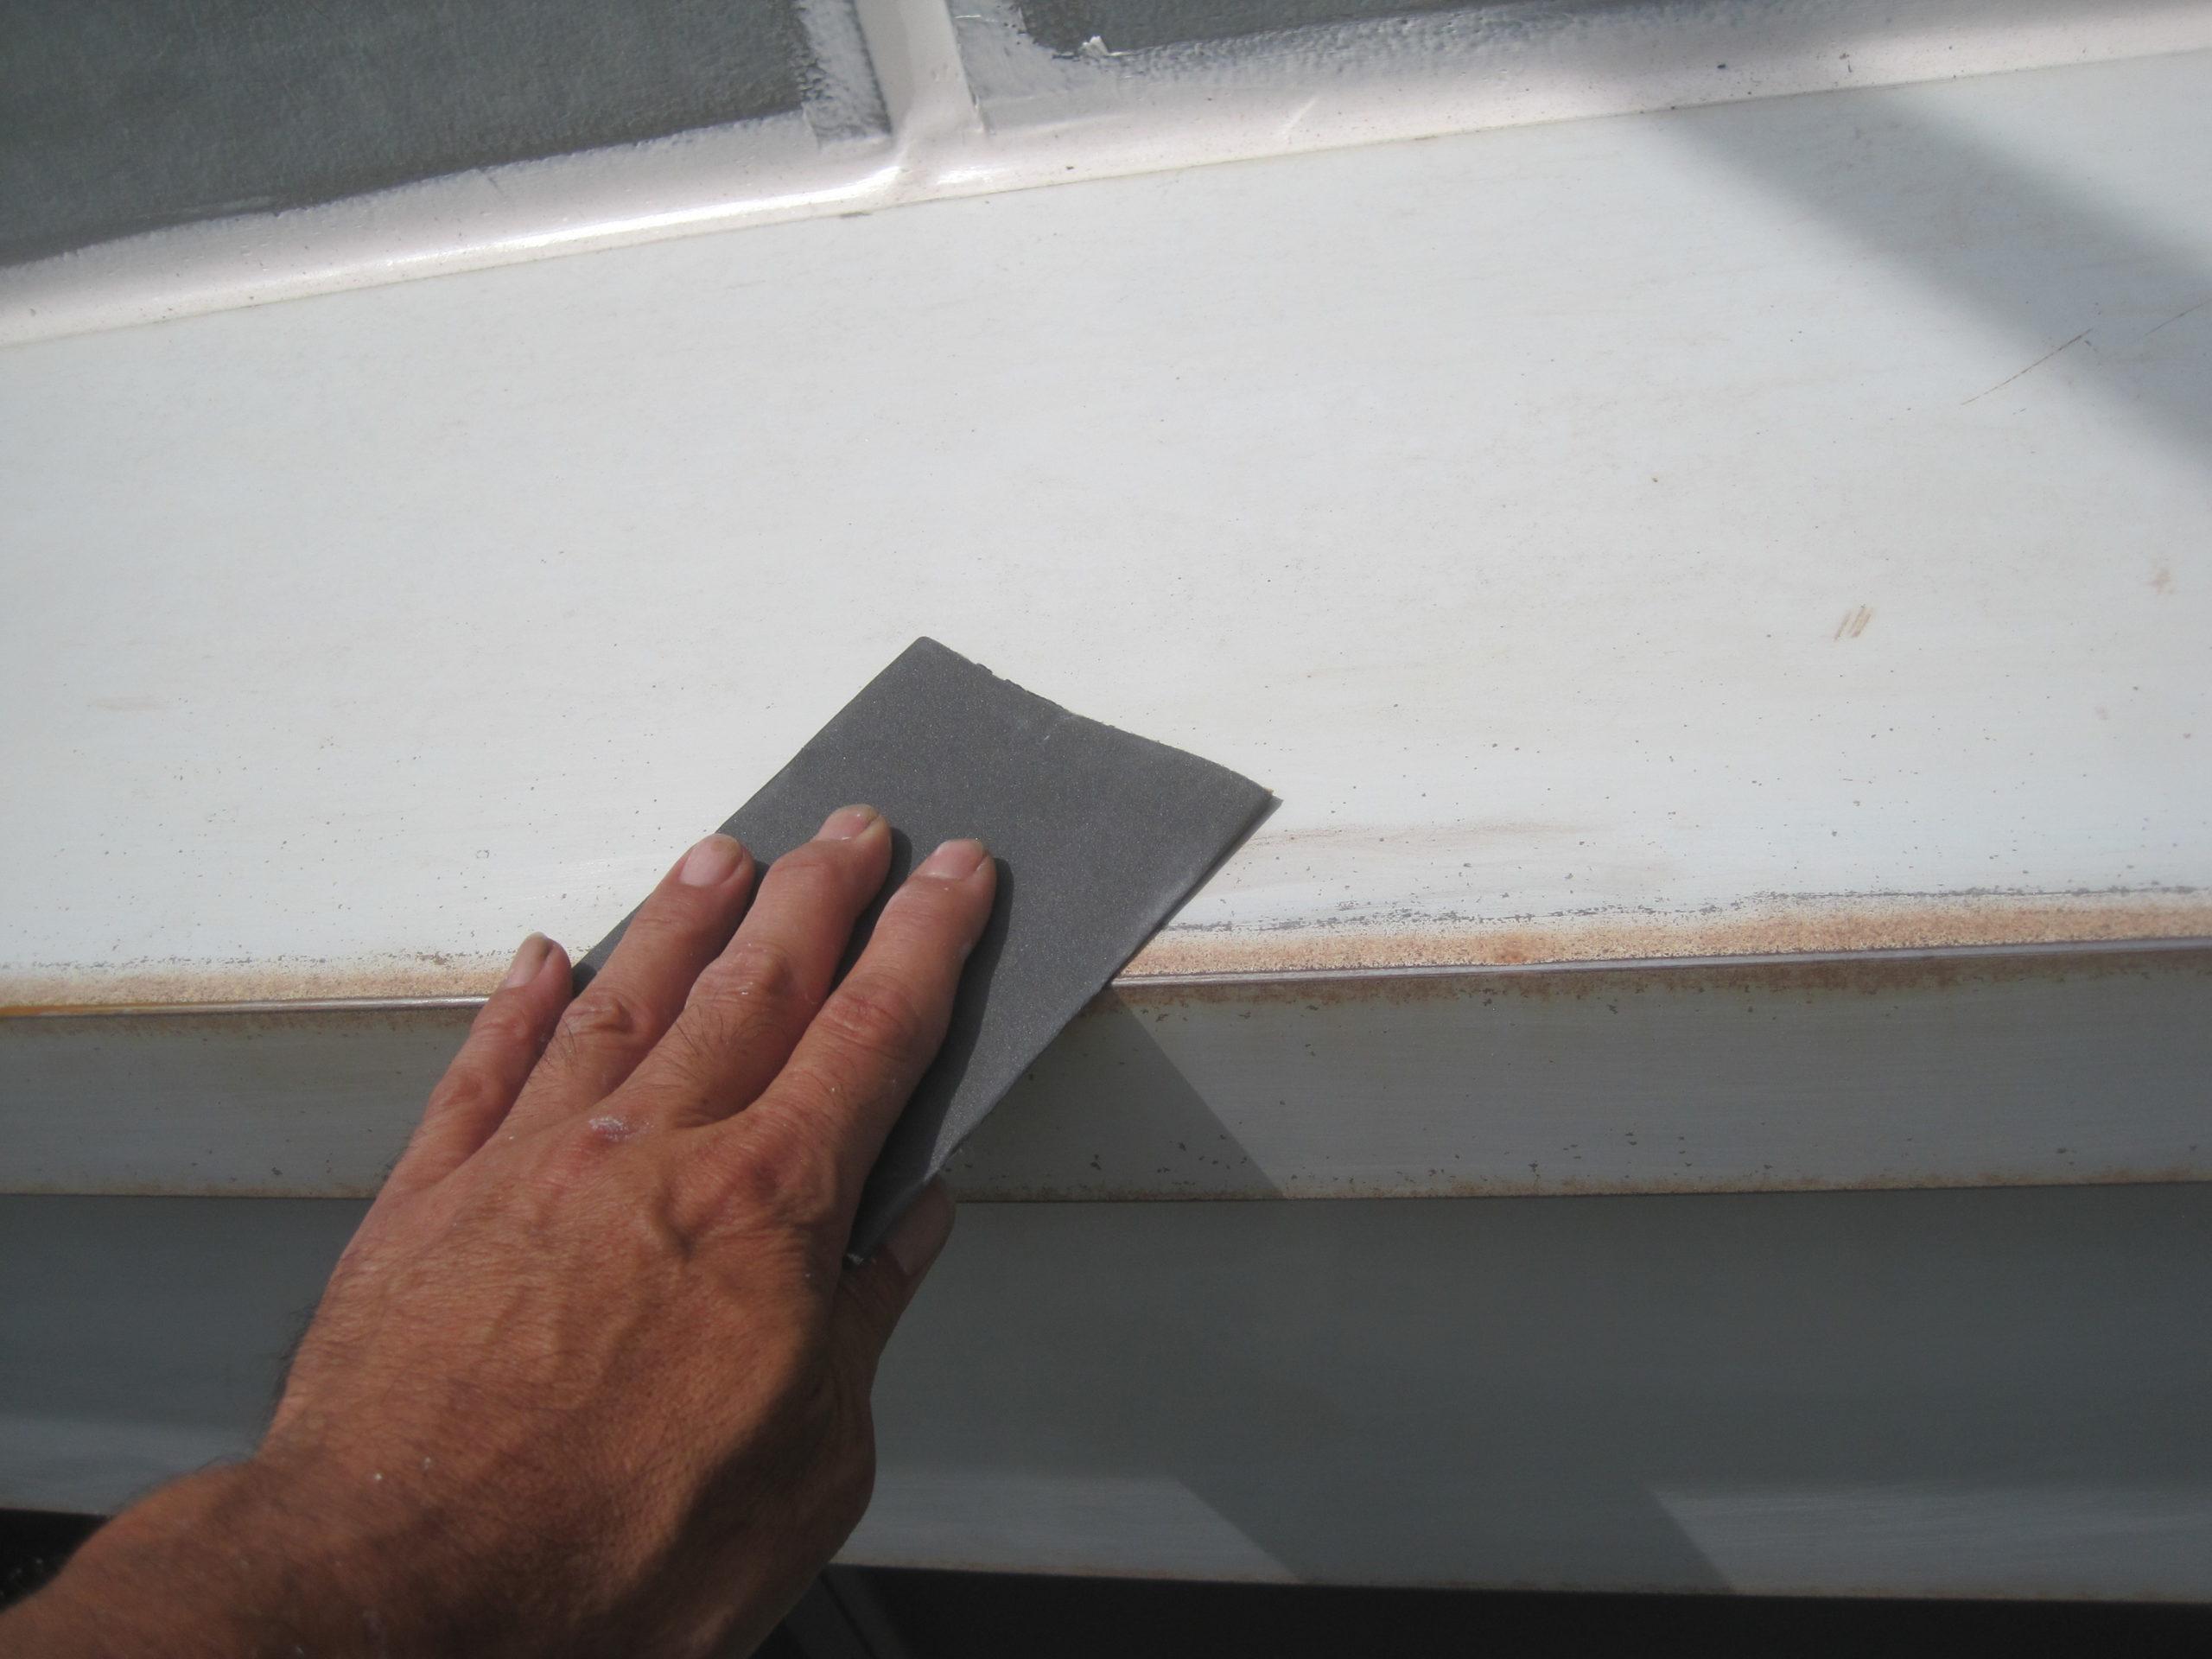 神奈川県川崎市 外壁塗装 下地処理 ひび割れ クラック補修 サビ補修